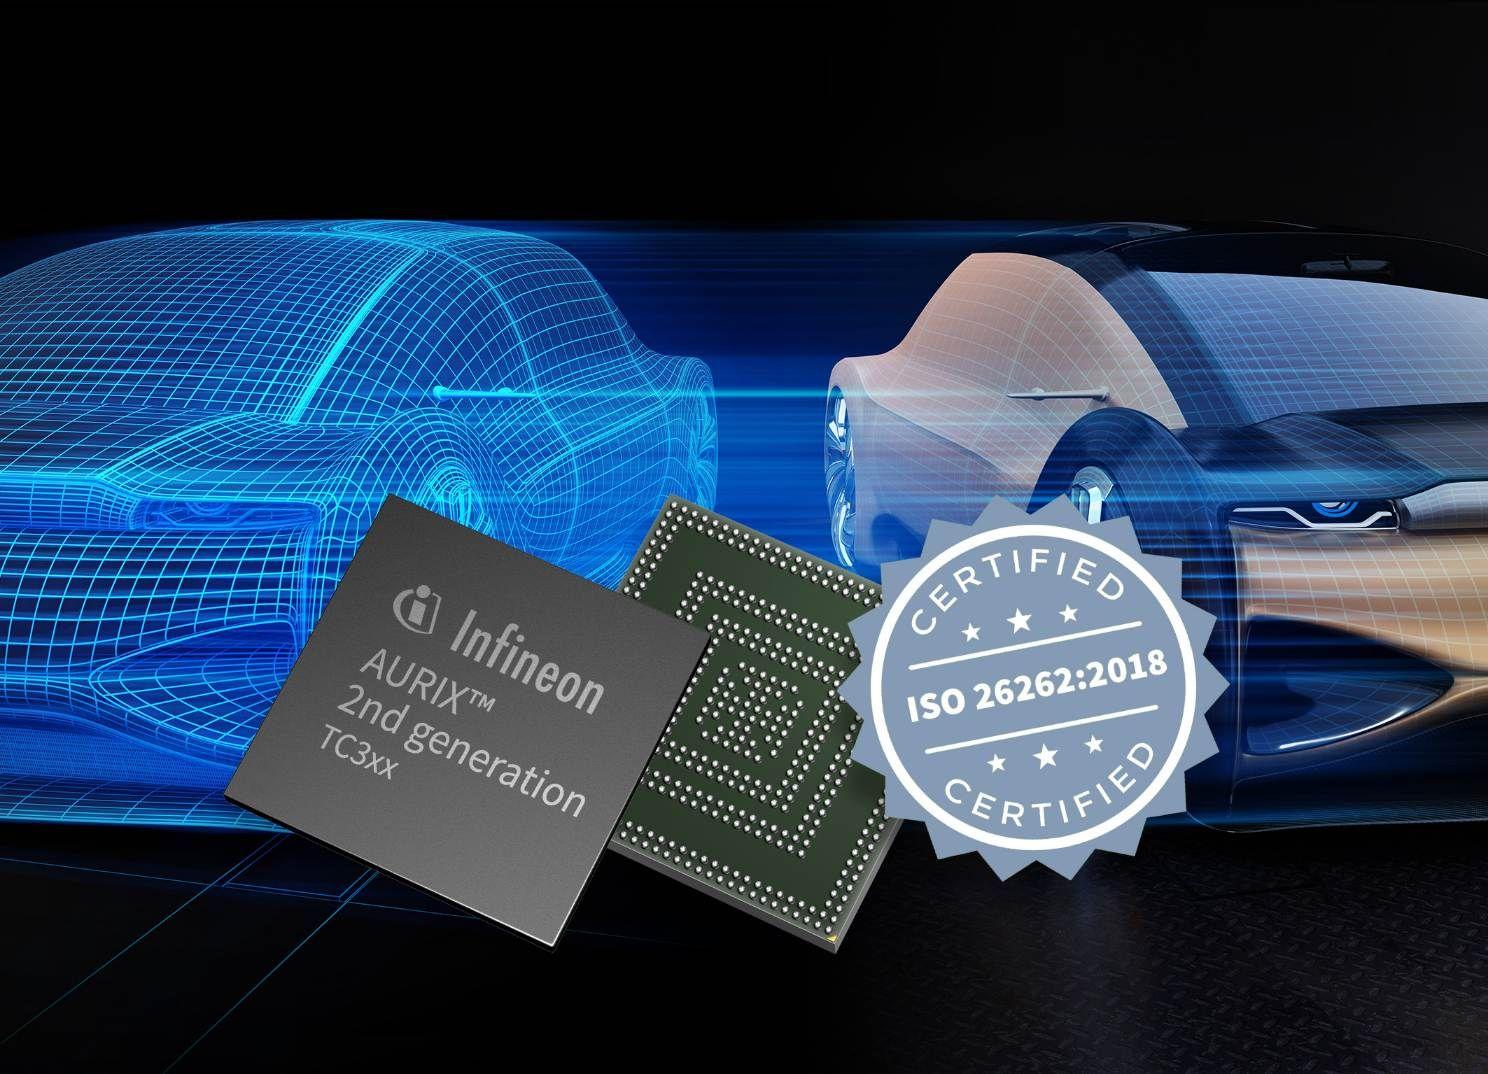 汽车安全:英飞凌 AURIX™ 是世界首款通过 ISO 26262:2018 标准 ASIL-D 认